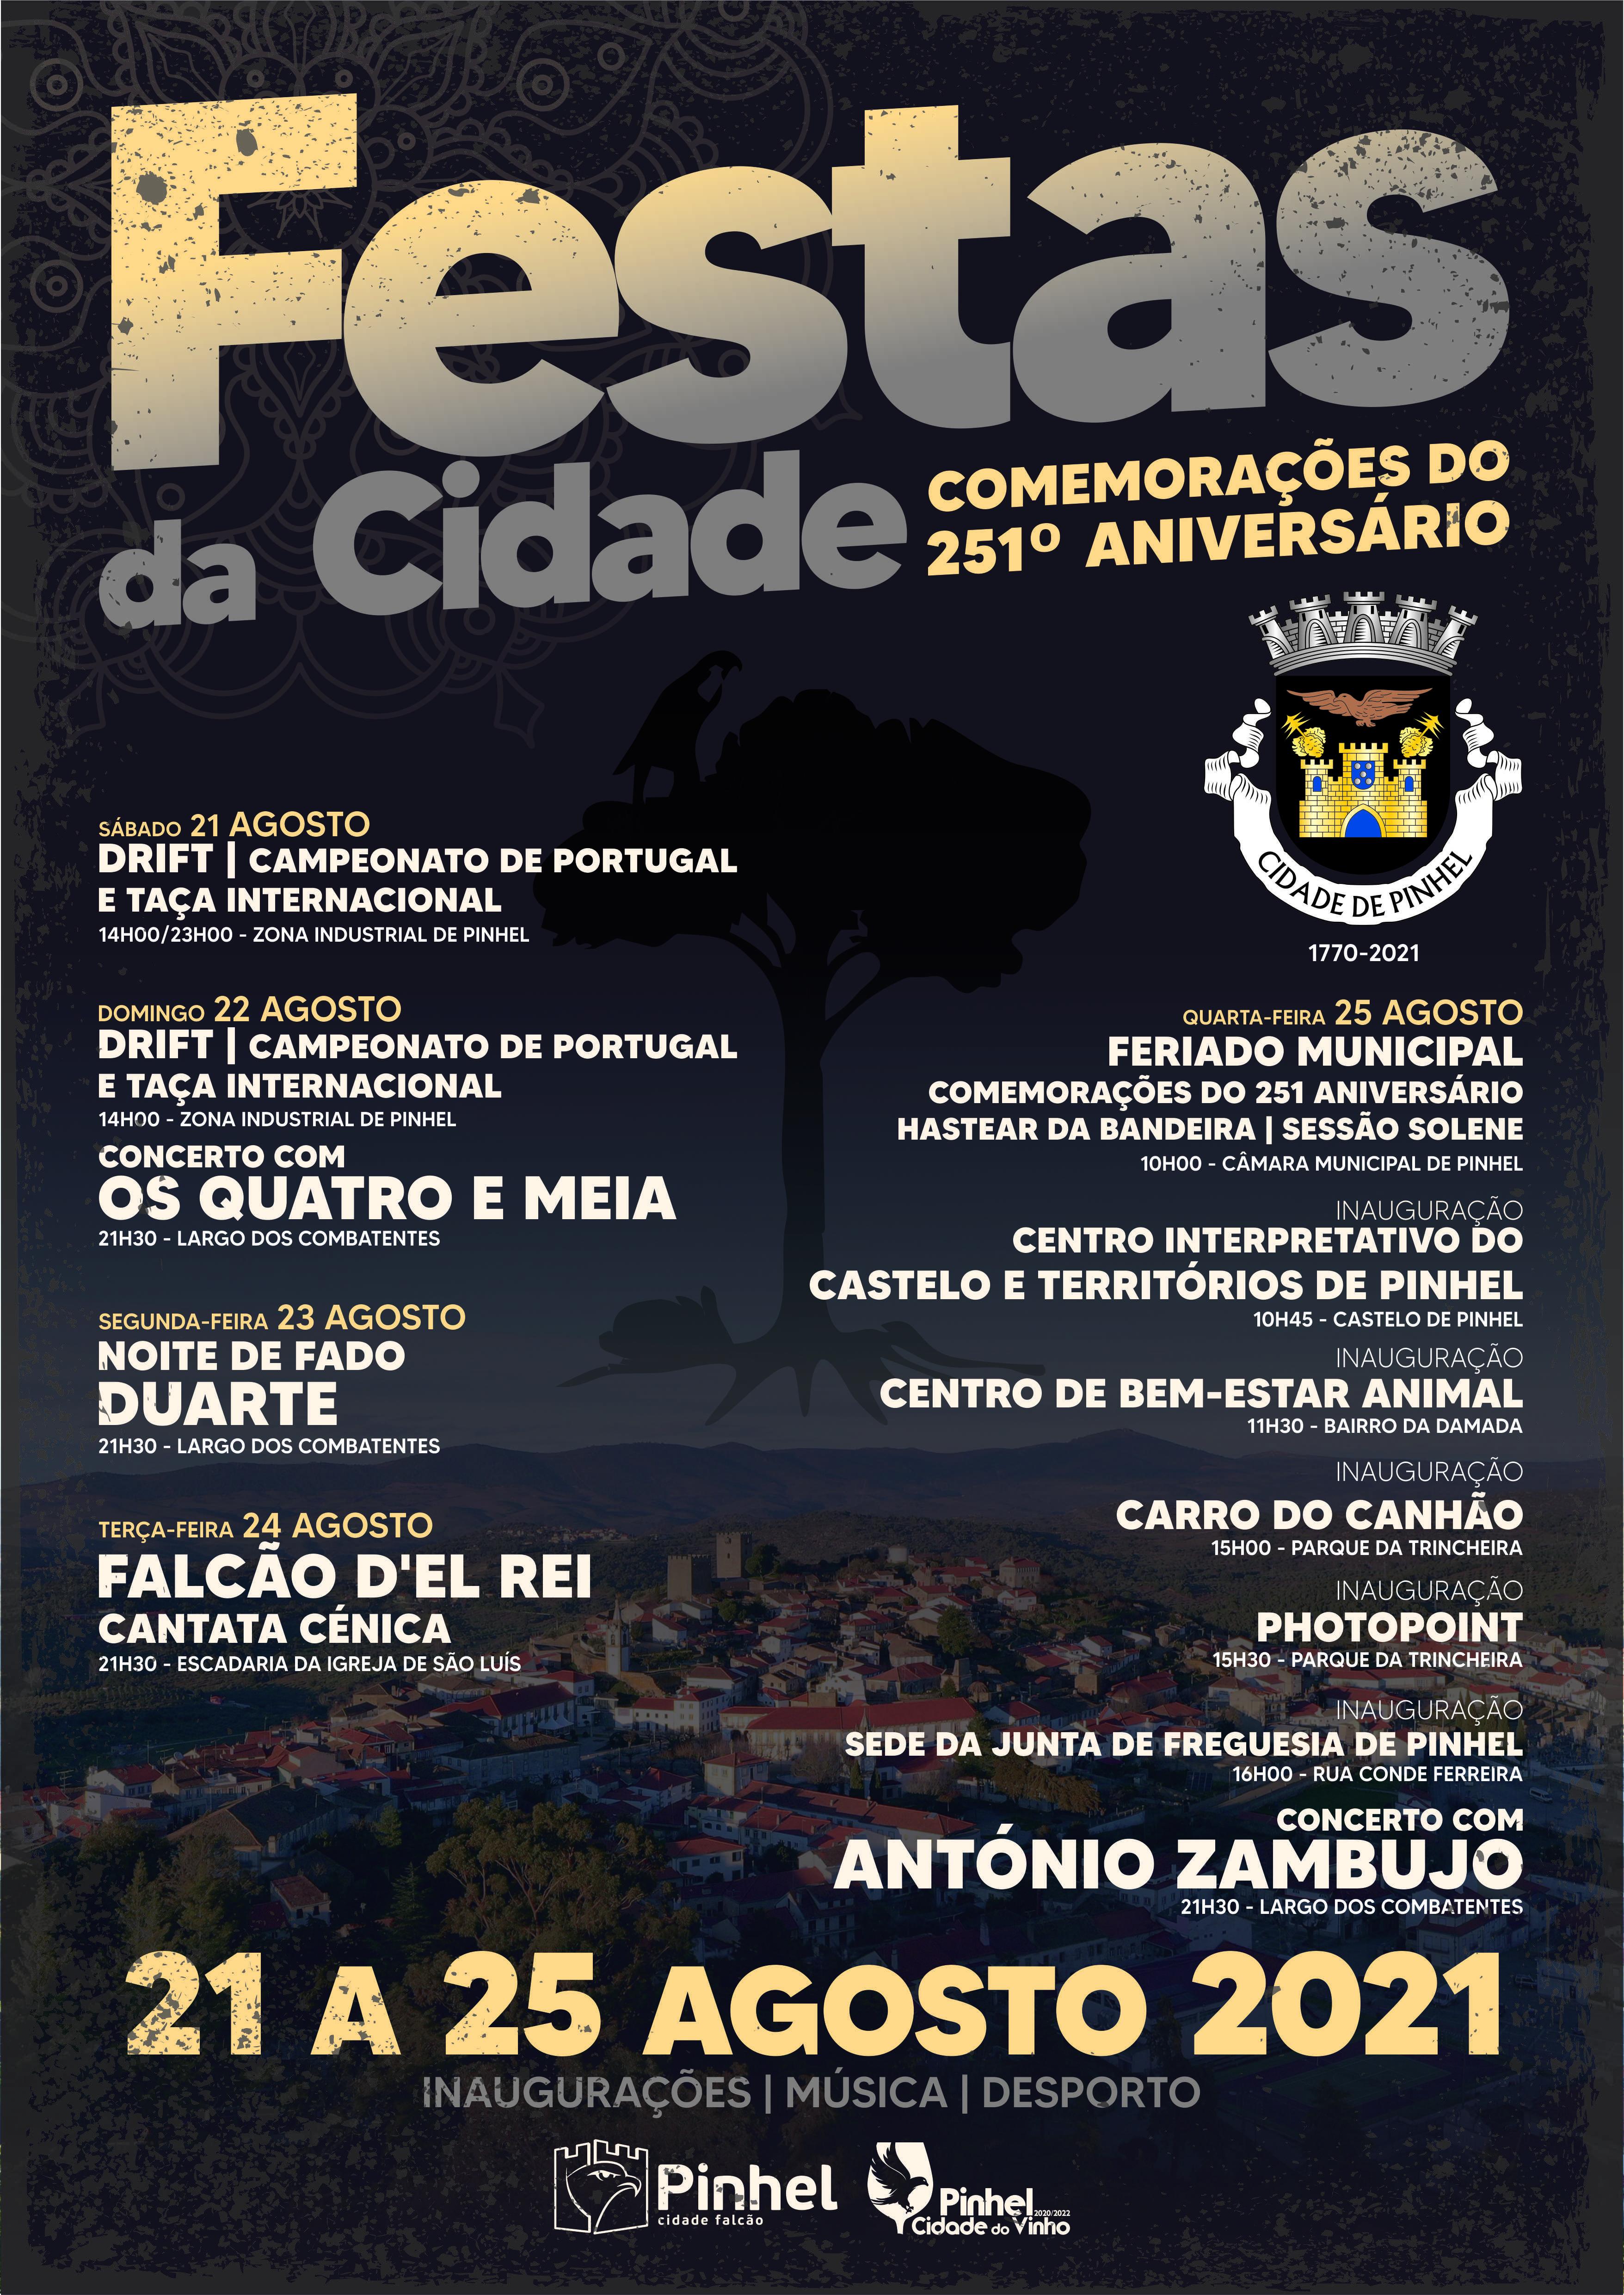 Cartaz Festas da Cidade de Pinhel 2021